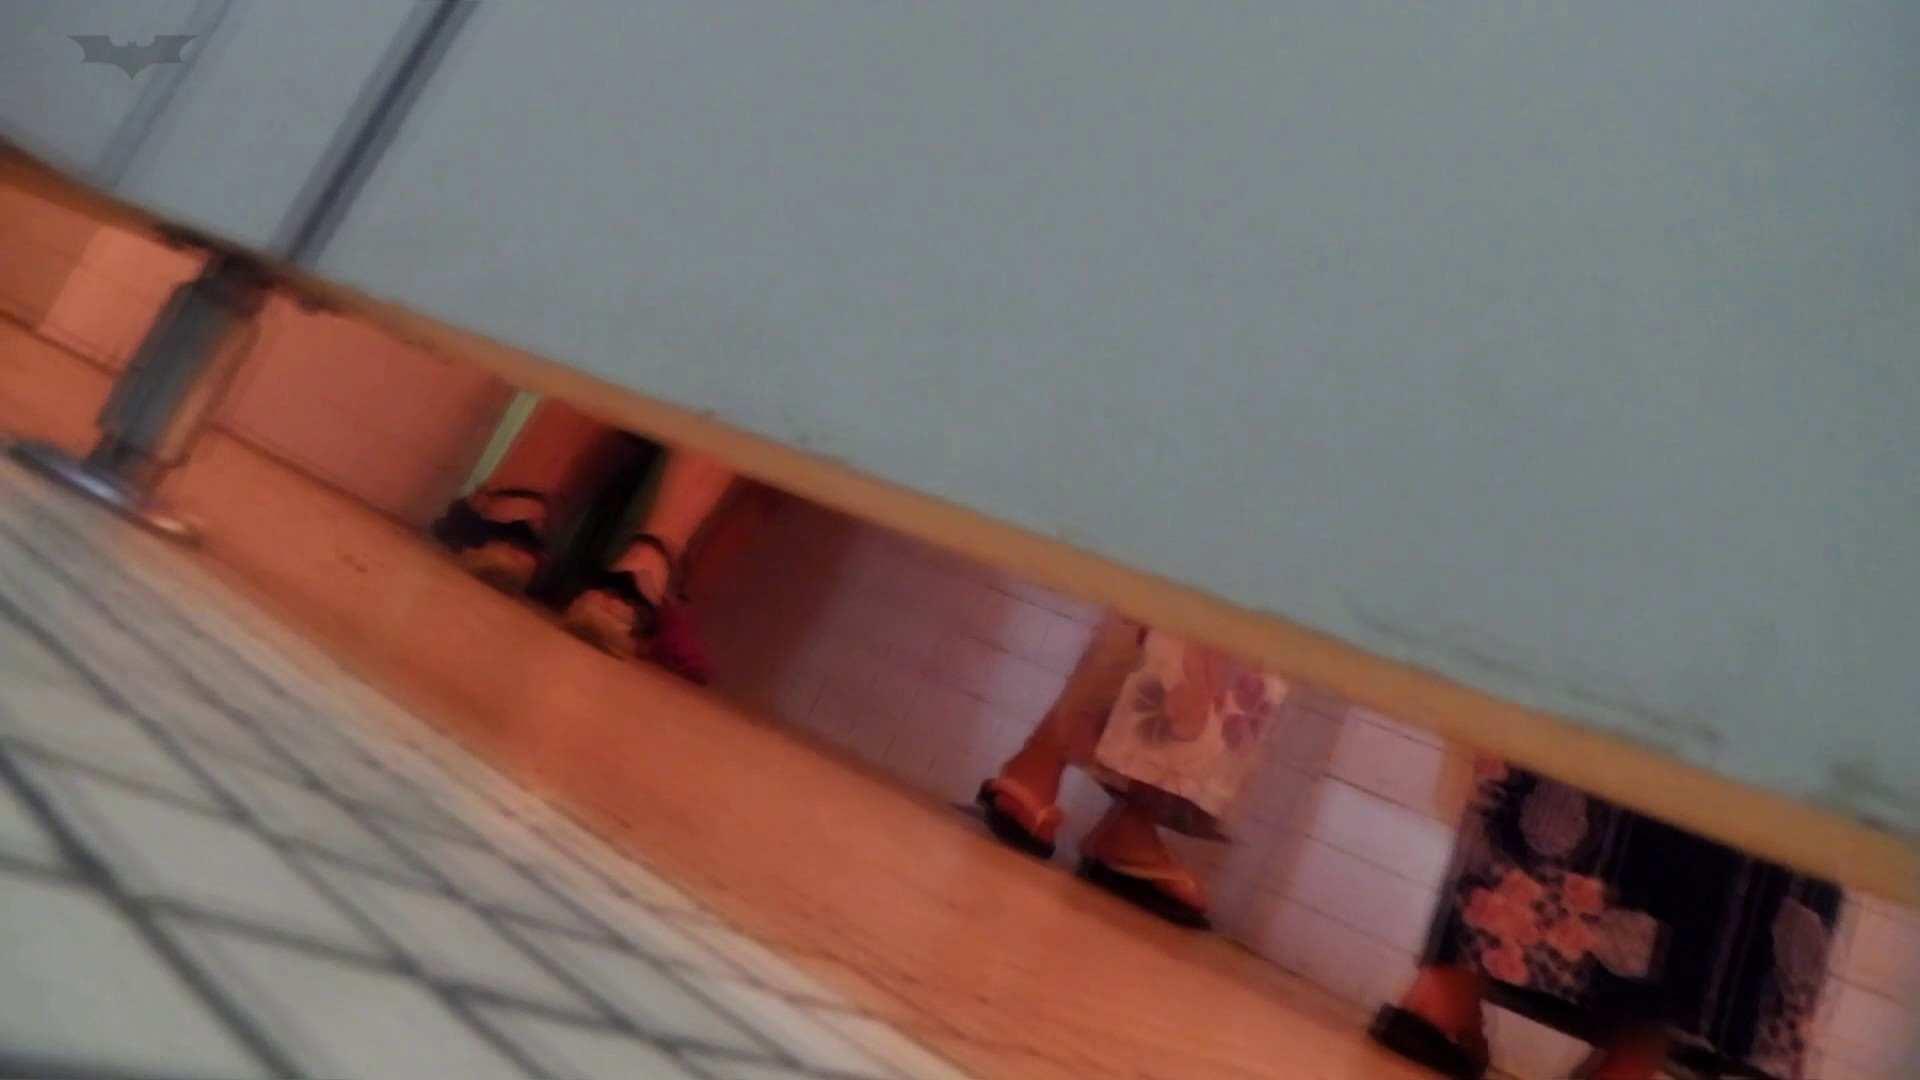 ▲復活限定▲マンコ丸見え!花火大会潜入撮 Vol.02 明るい場所に移動! 期間限定   マンコ  83画像 55